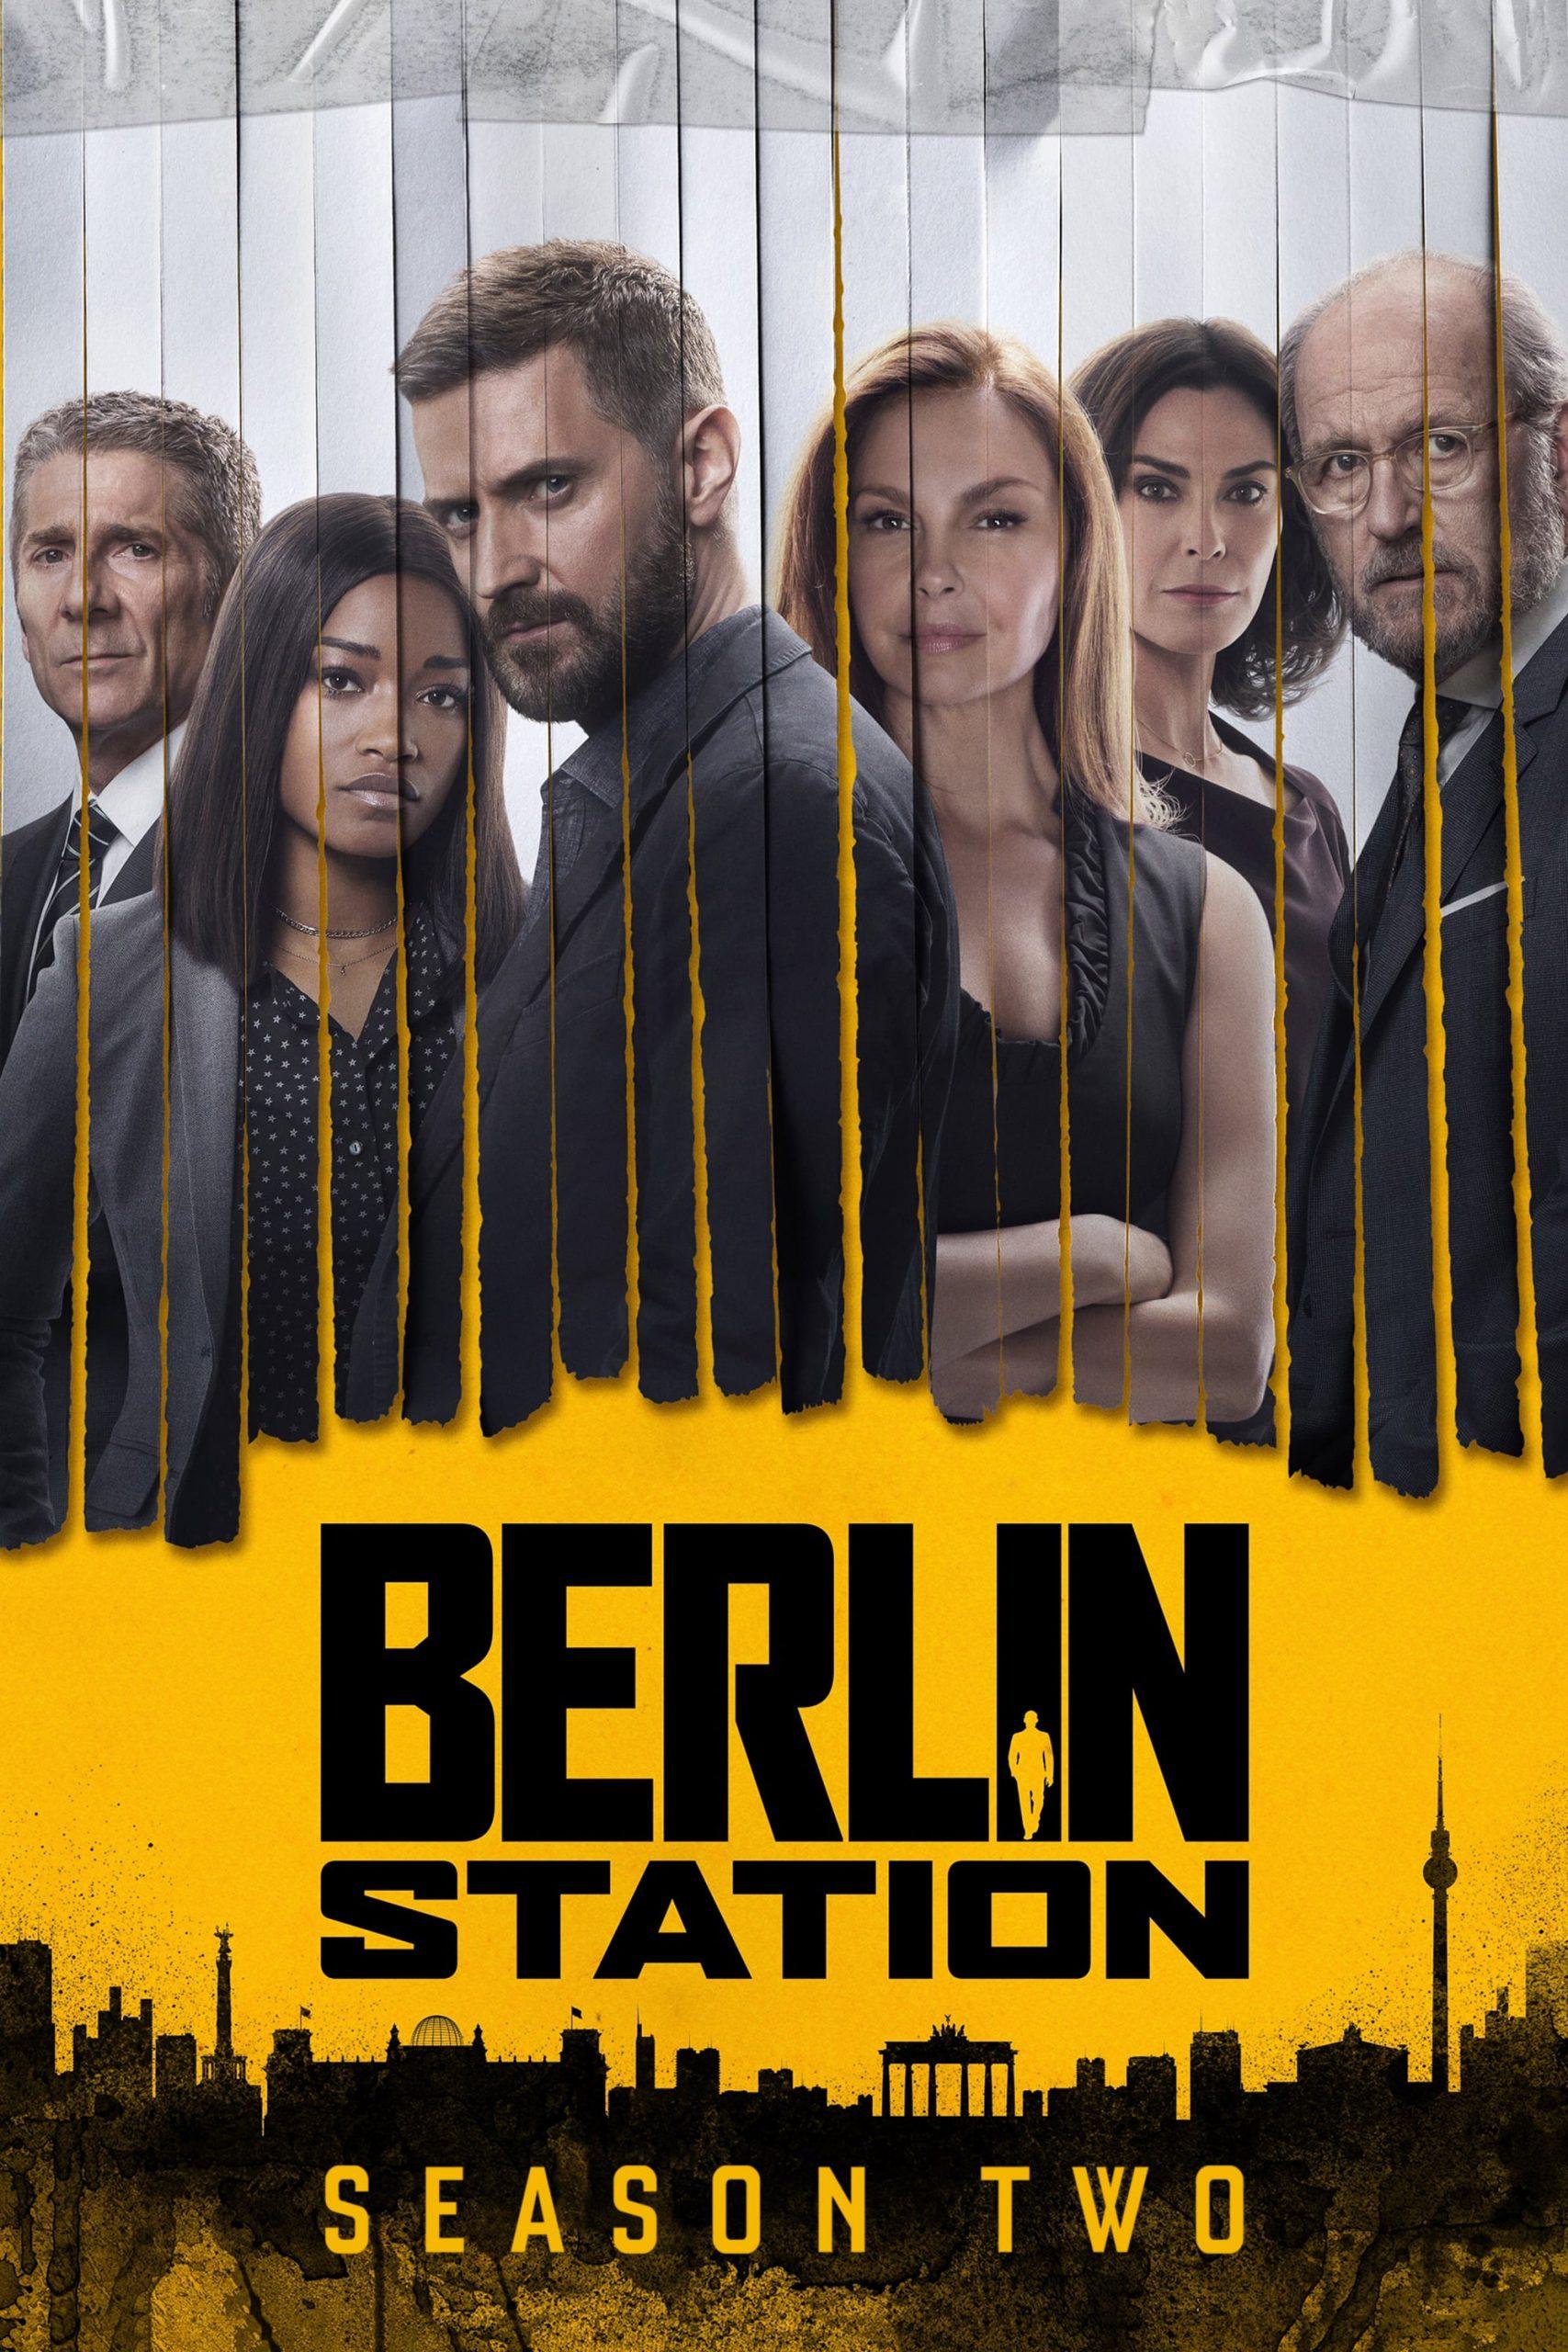 Image breaking-bad-saison-2-36765-poster.jpg